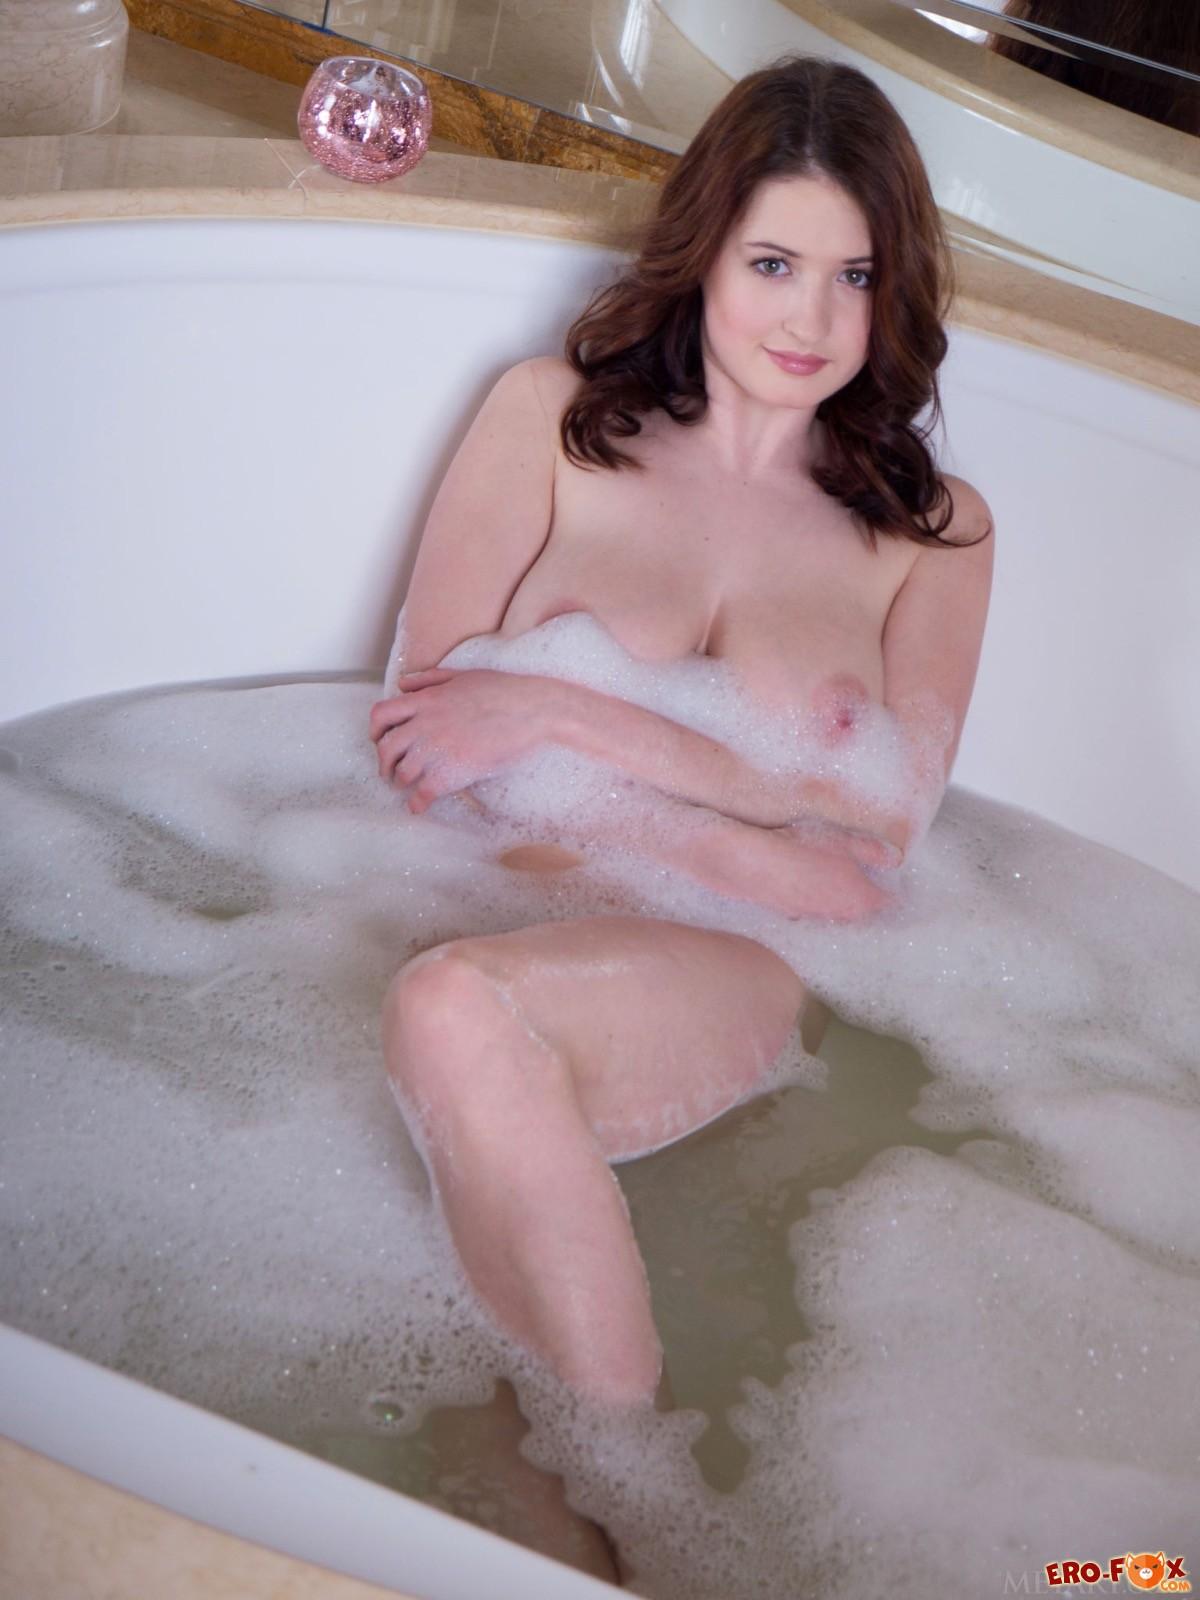 Девушка моет большие сиськи в ванной